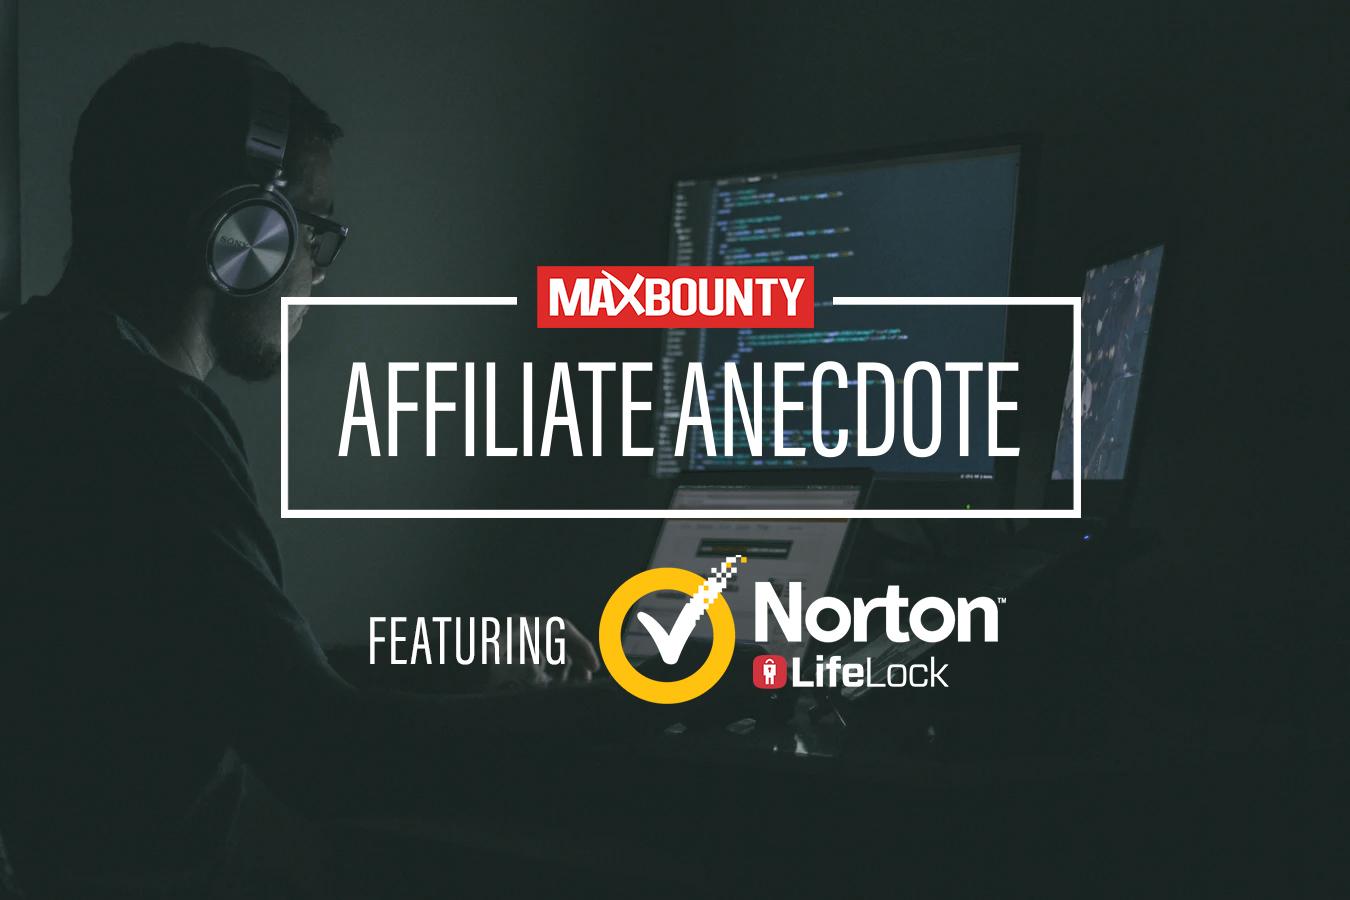 Affiliate Anecdote: Norton Antivirus